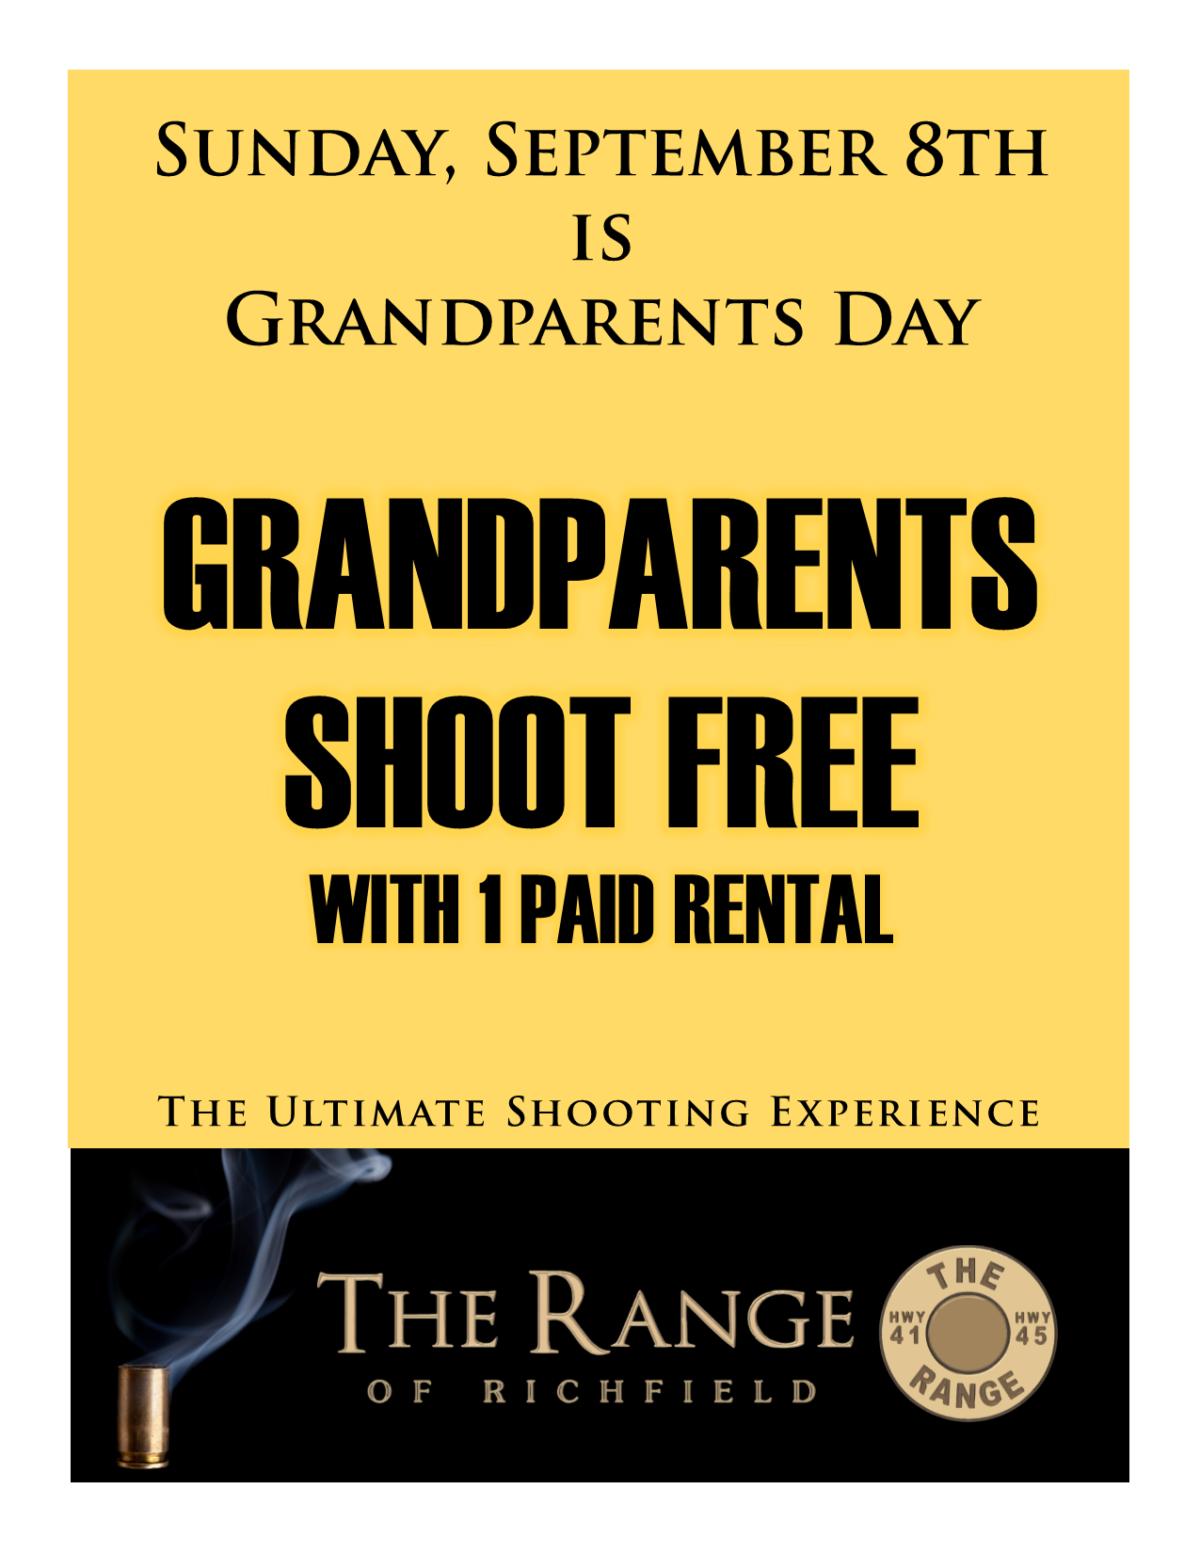 Grandparents Shoot Free 9 8 The Range Of Richfield